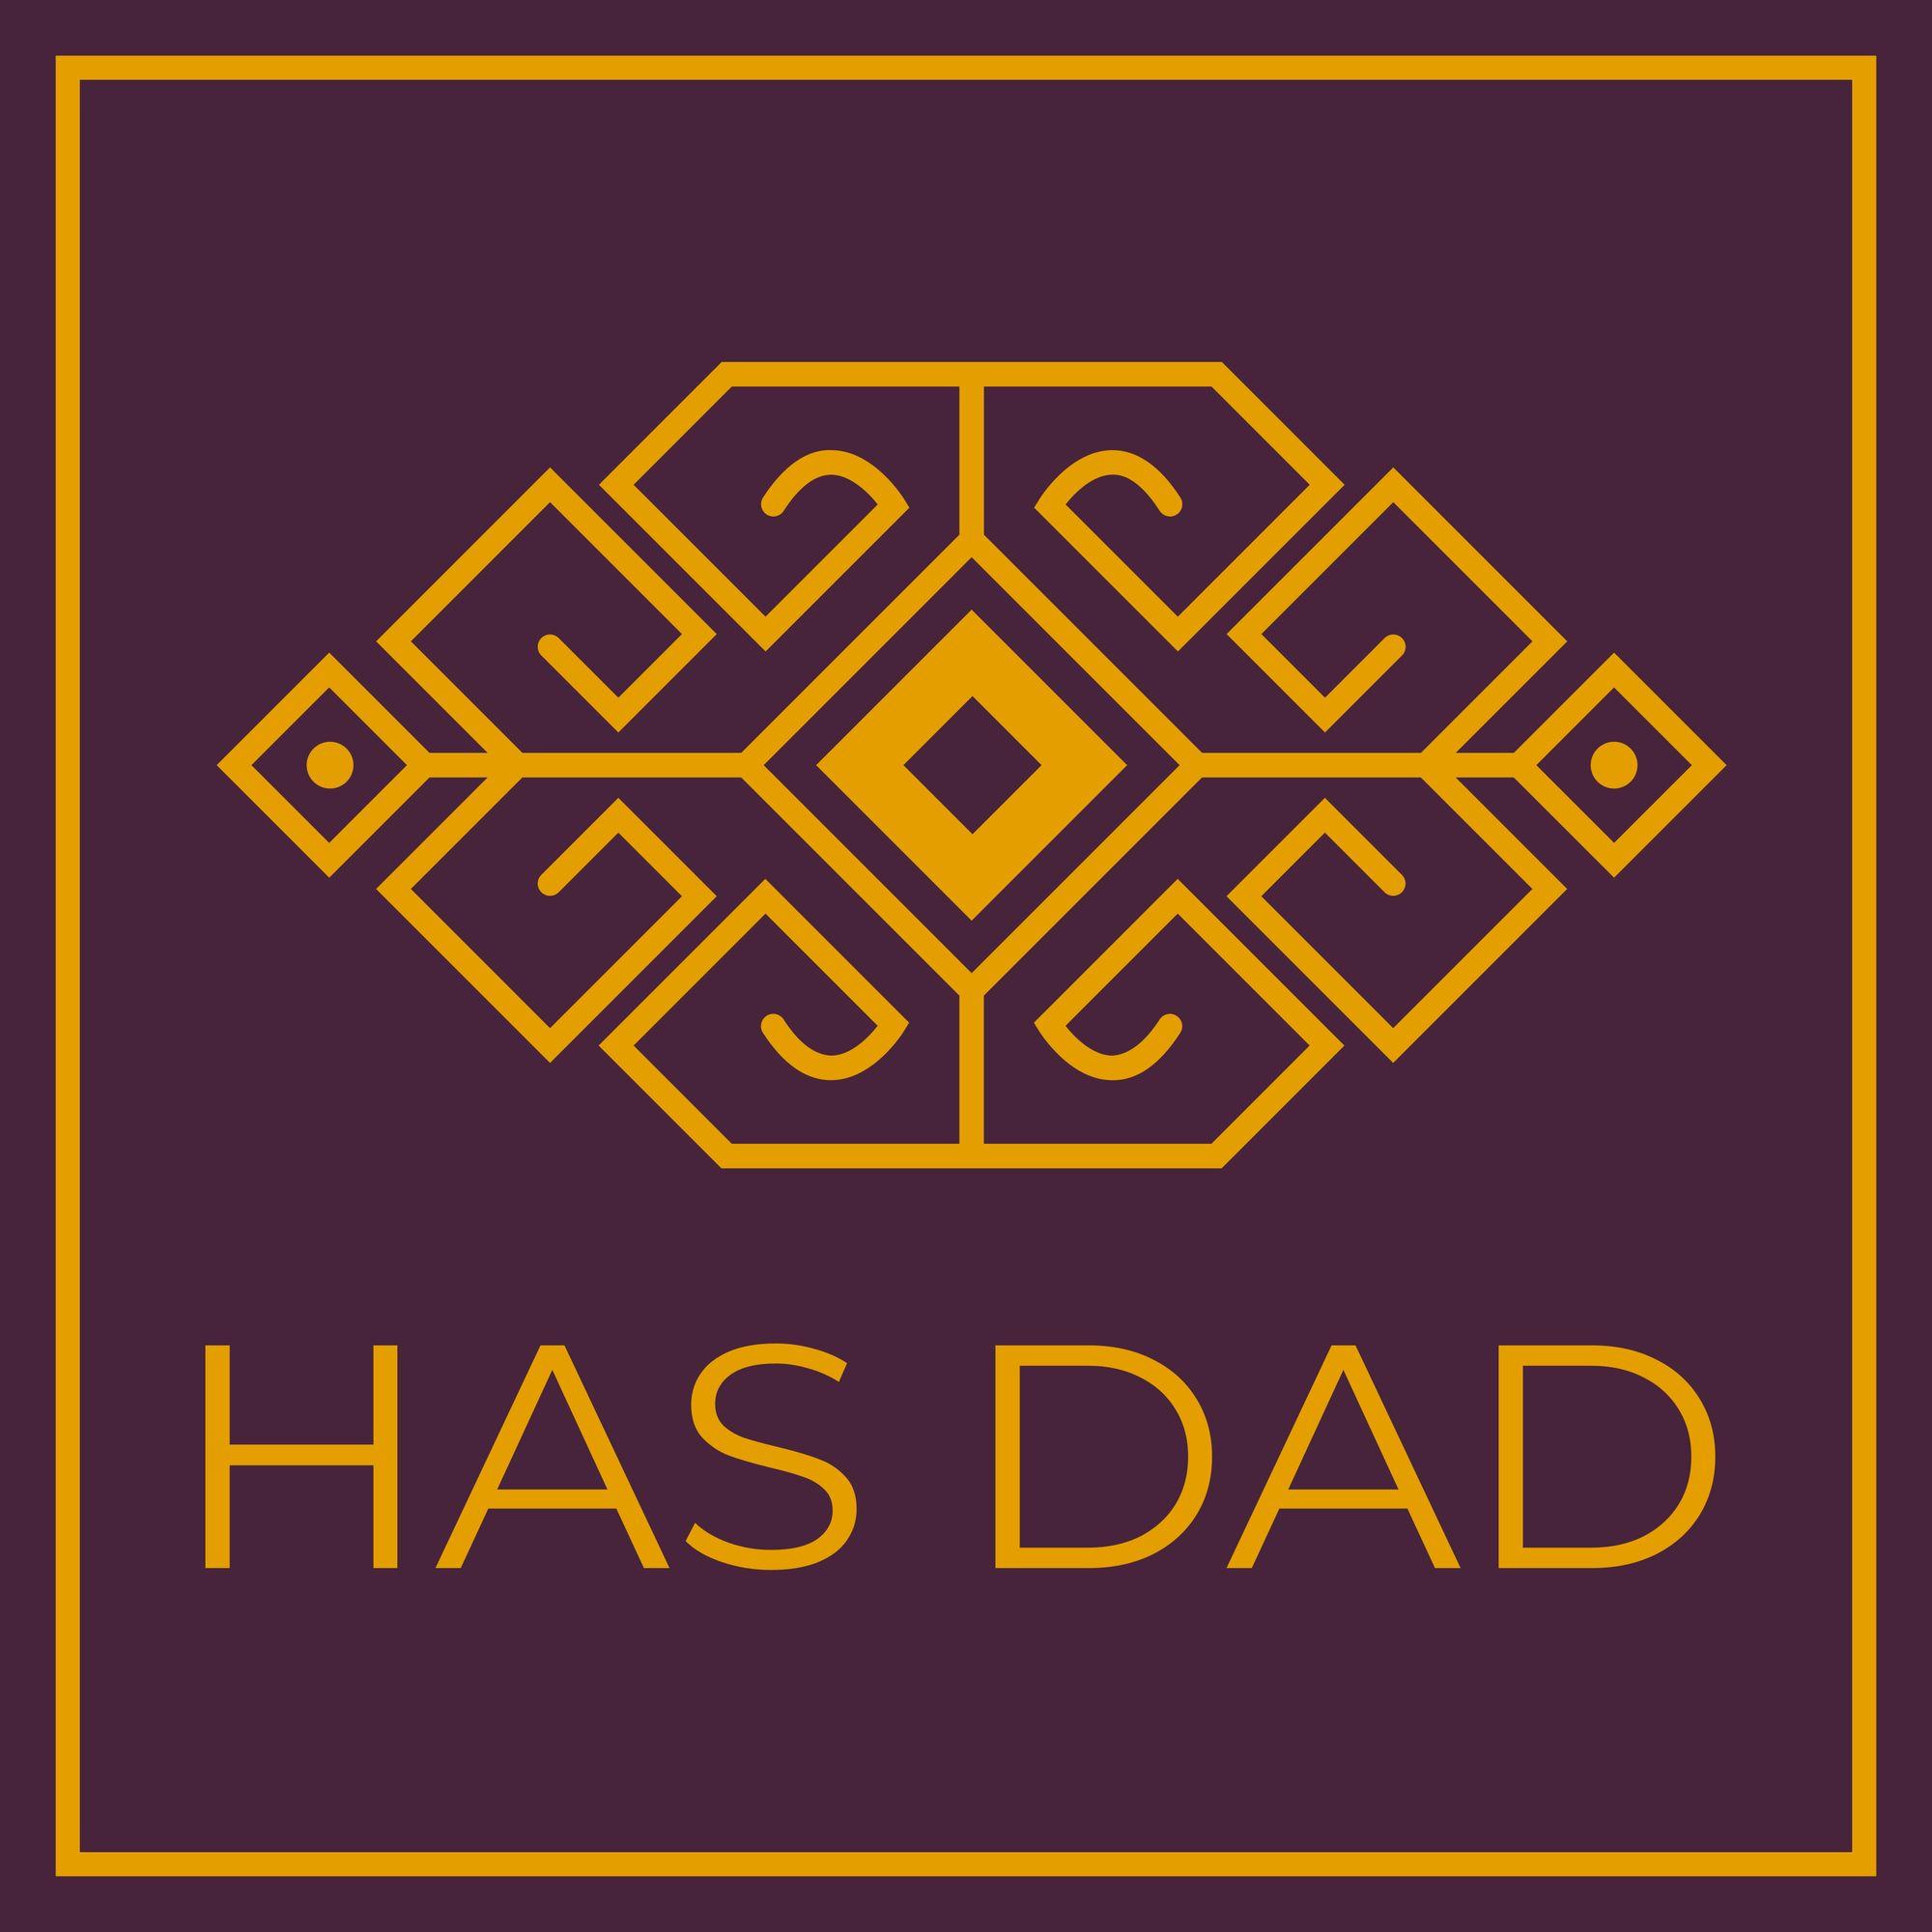 HAS DAD